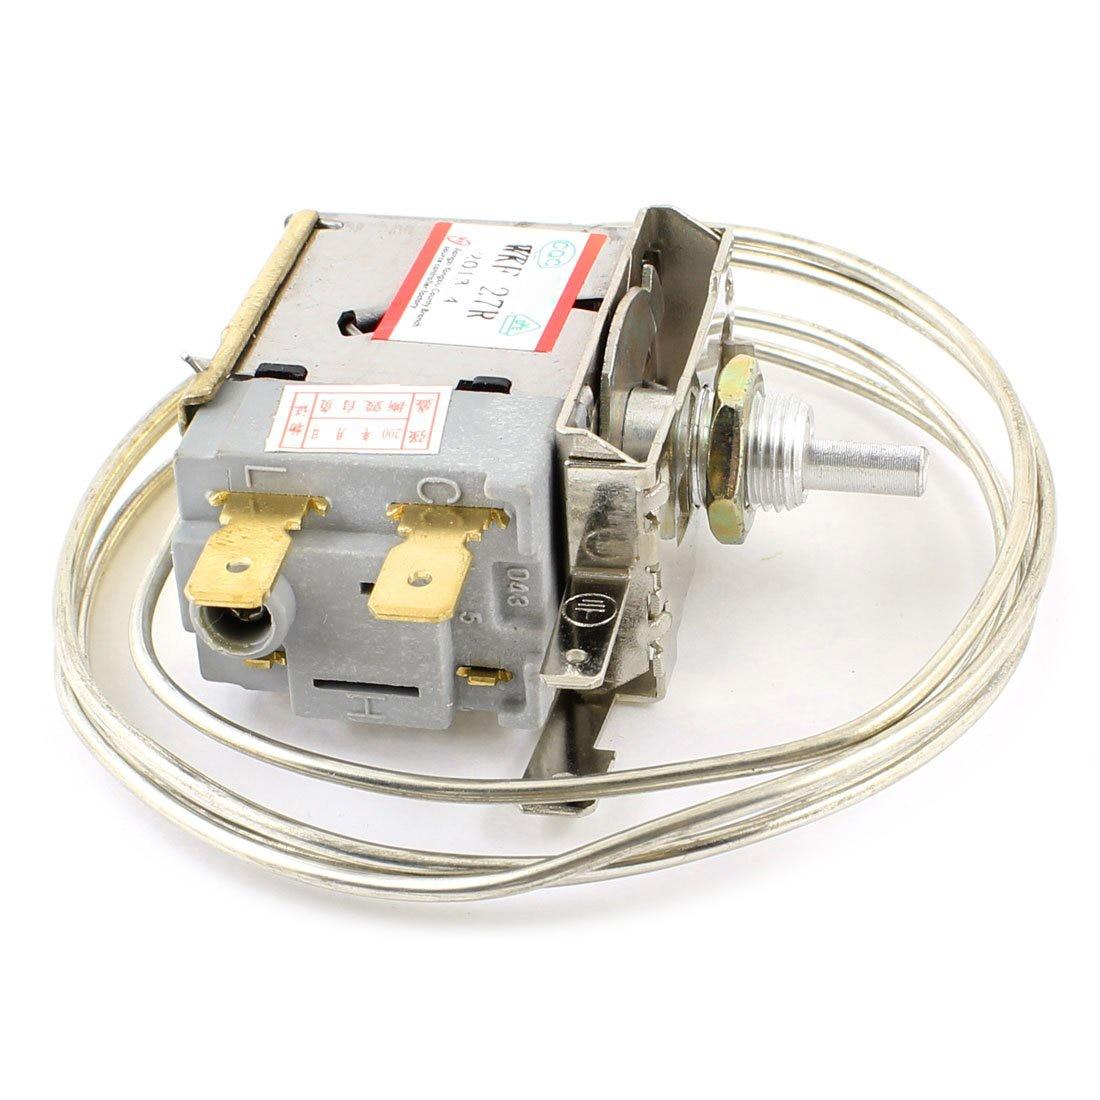 AC 250V 6A 2 Pin Terminals Freezer Refrigerator Thermostat